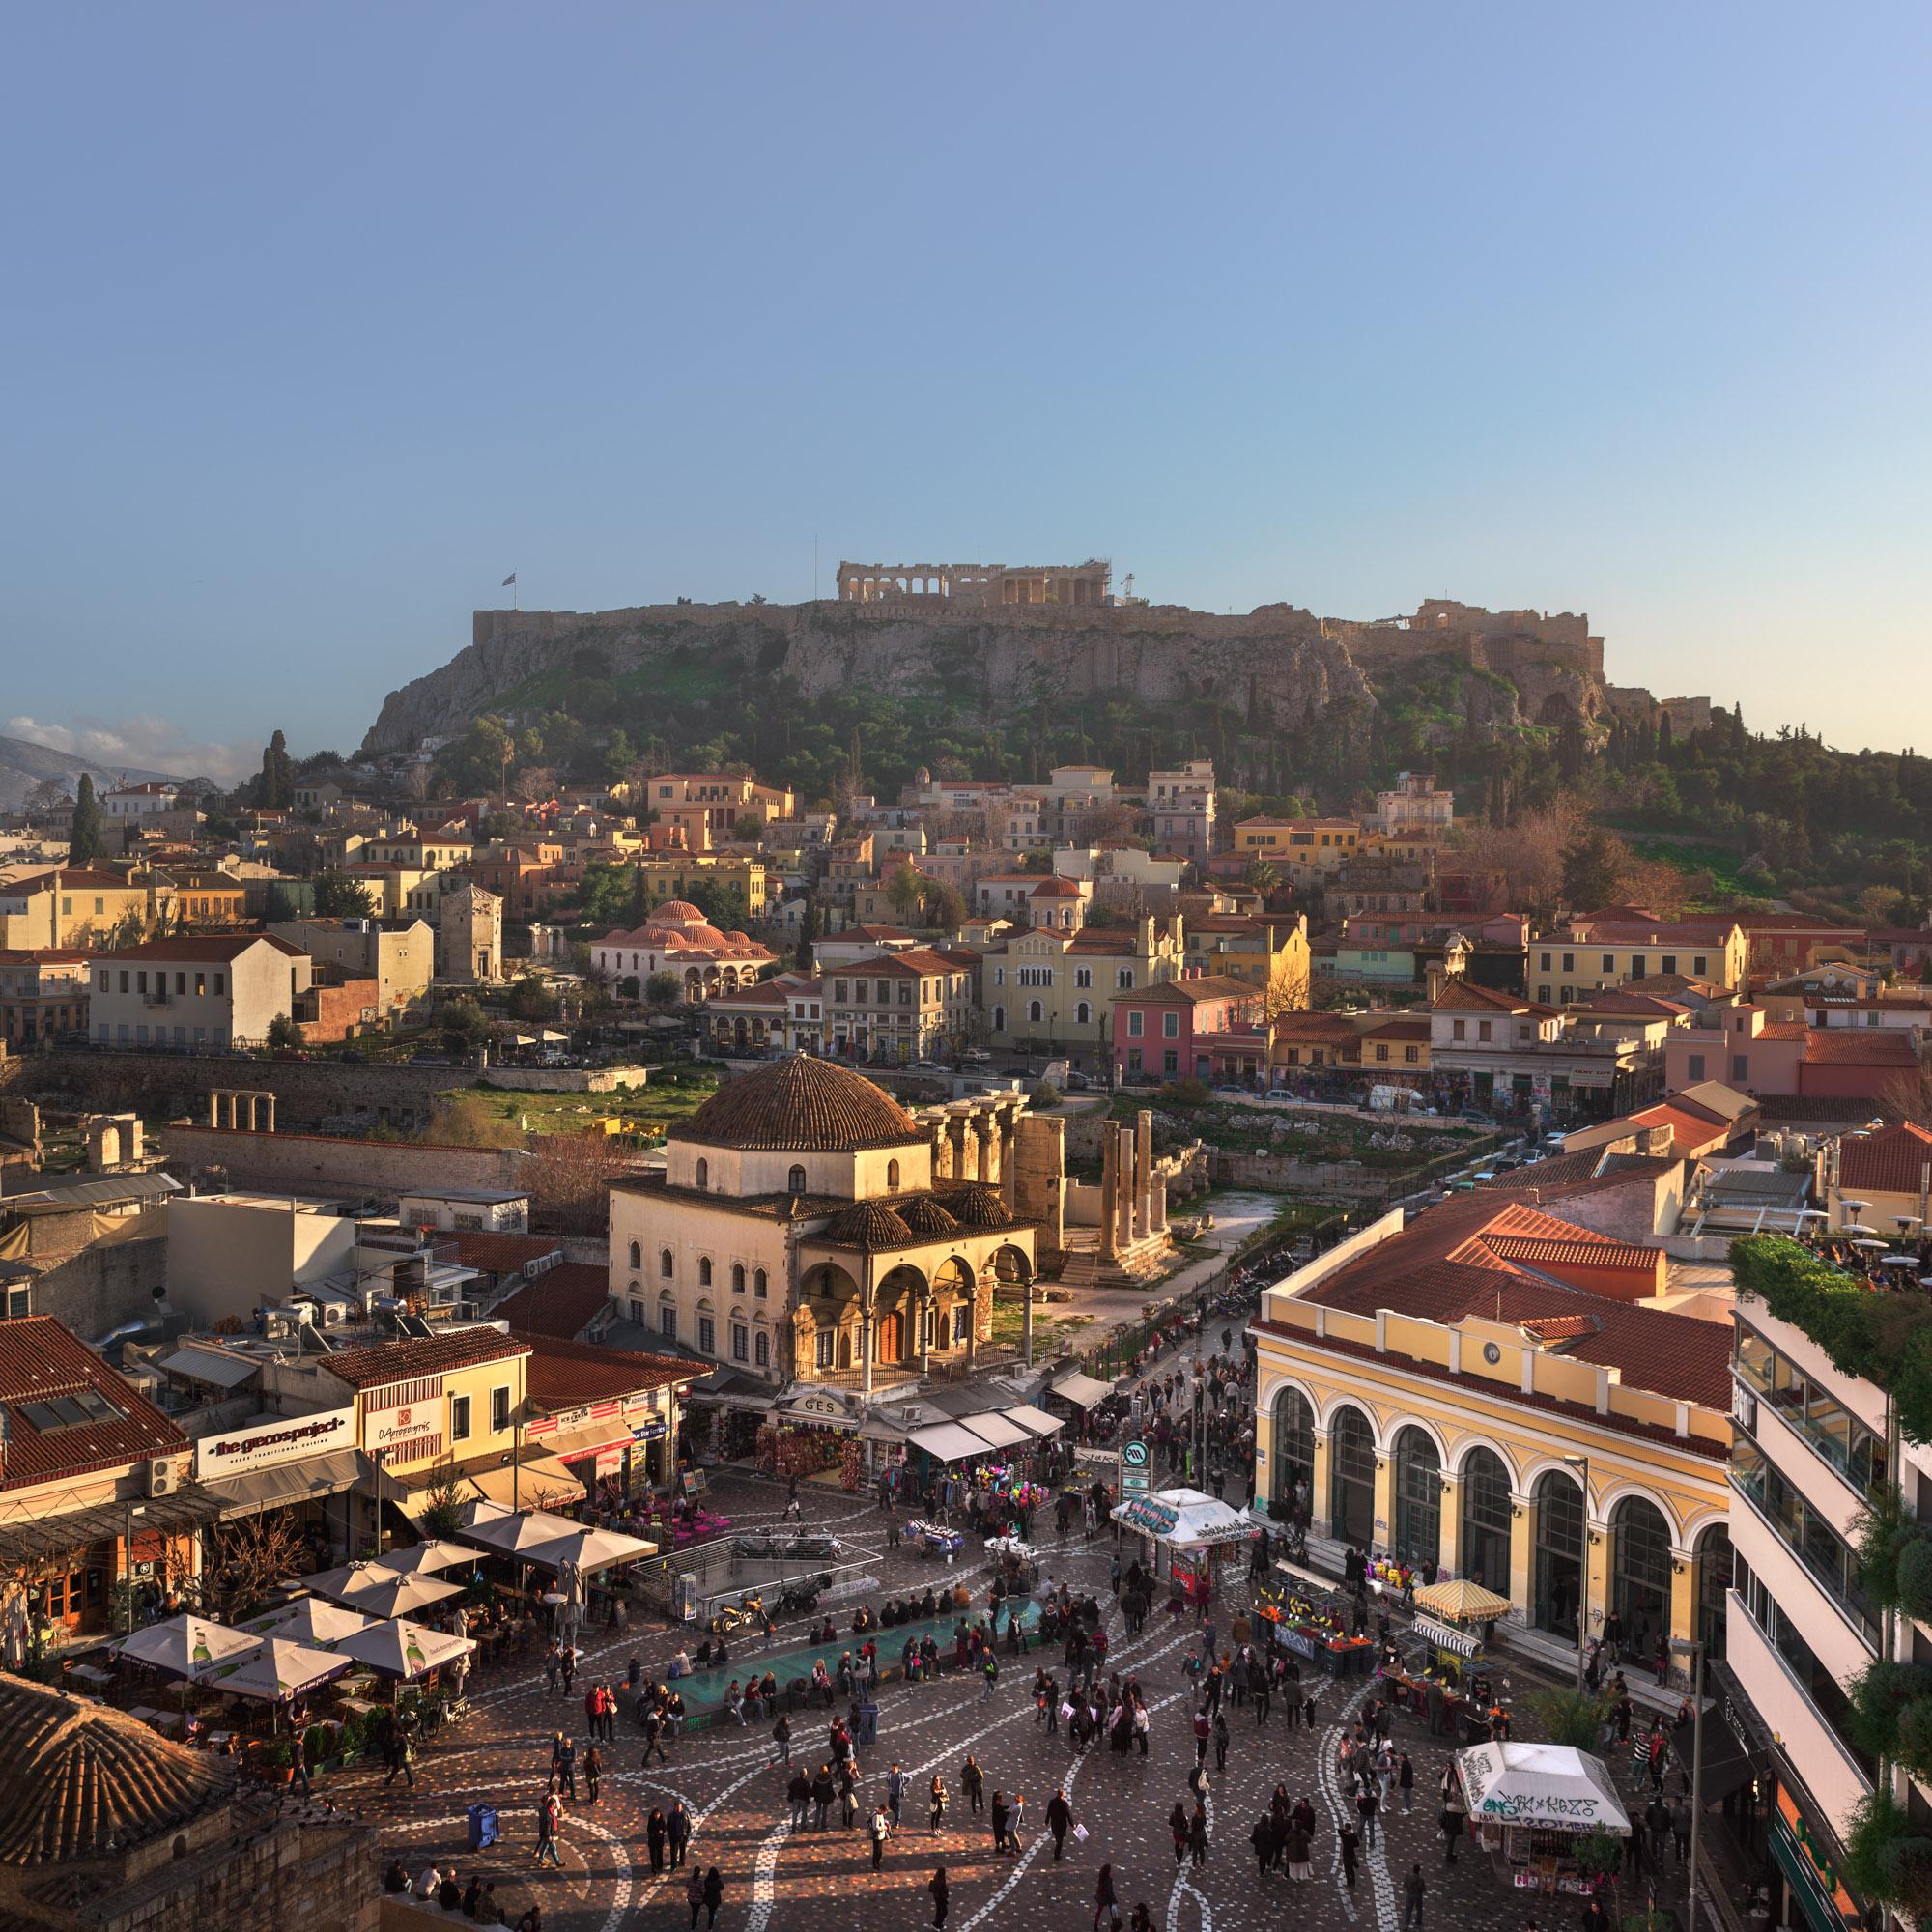 Monastiraki Square and Acropolis, Athens, Greece